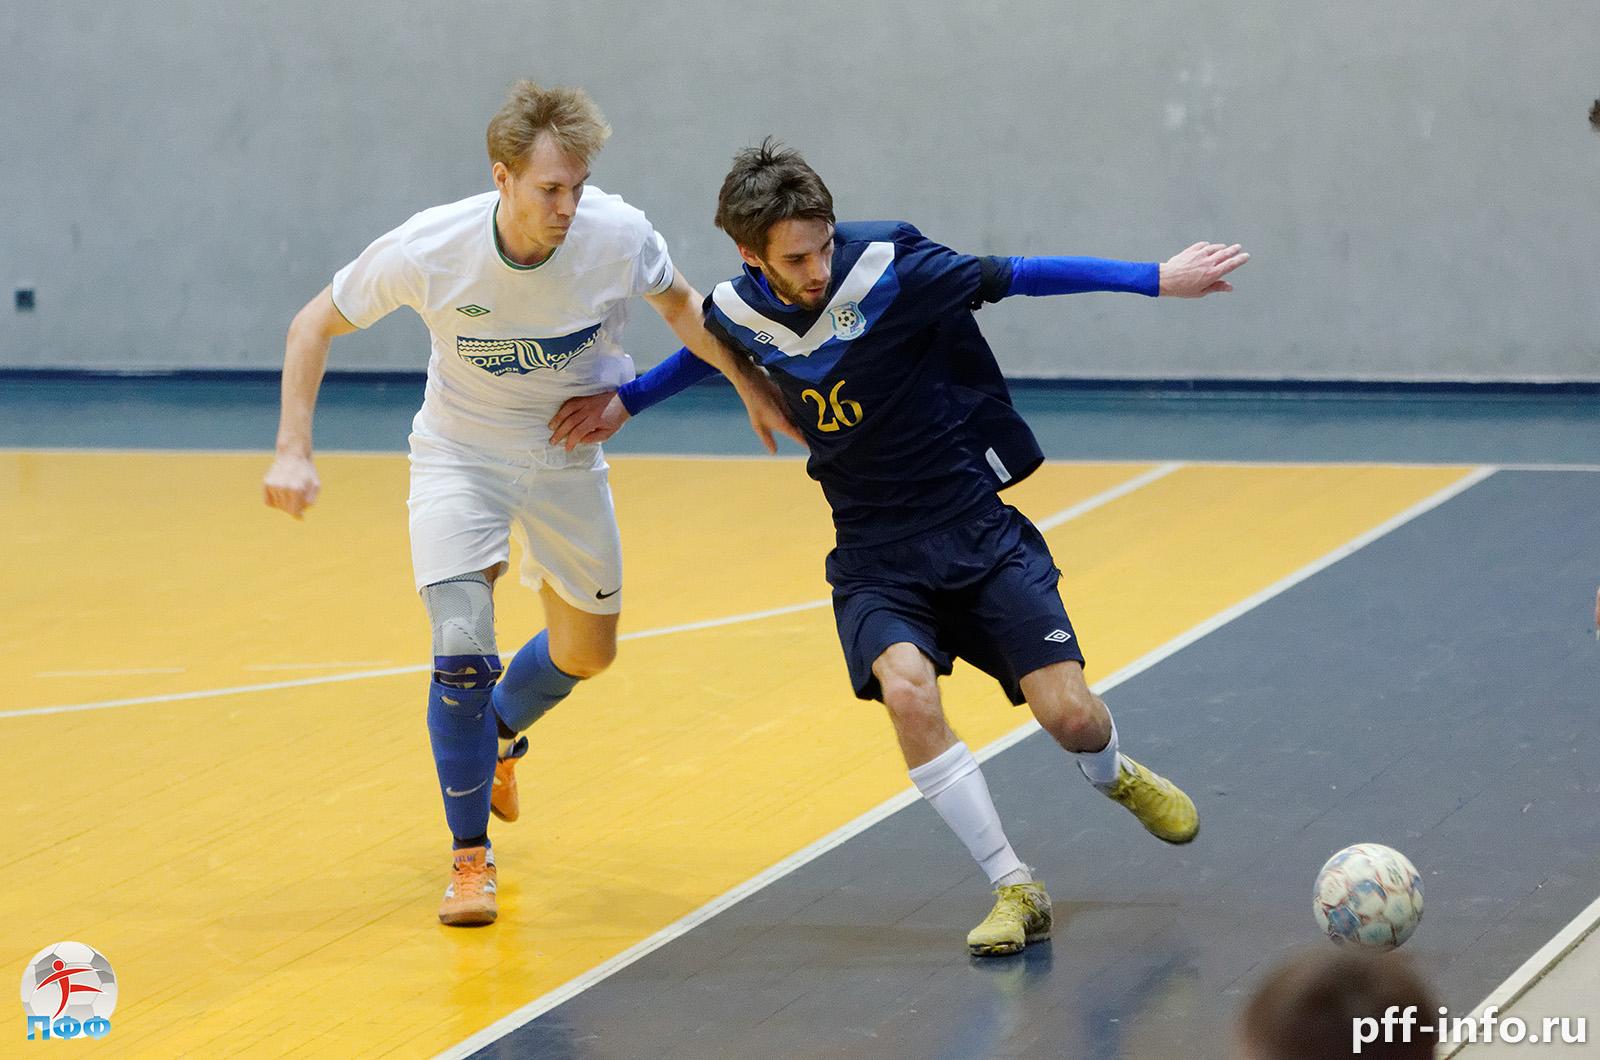 Три команды в последнем туре разыграют золото Чемпионата Подольска по мини-футболу